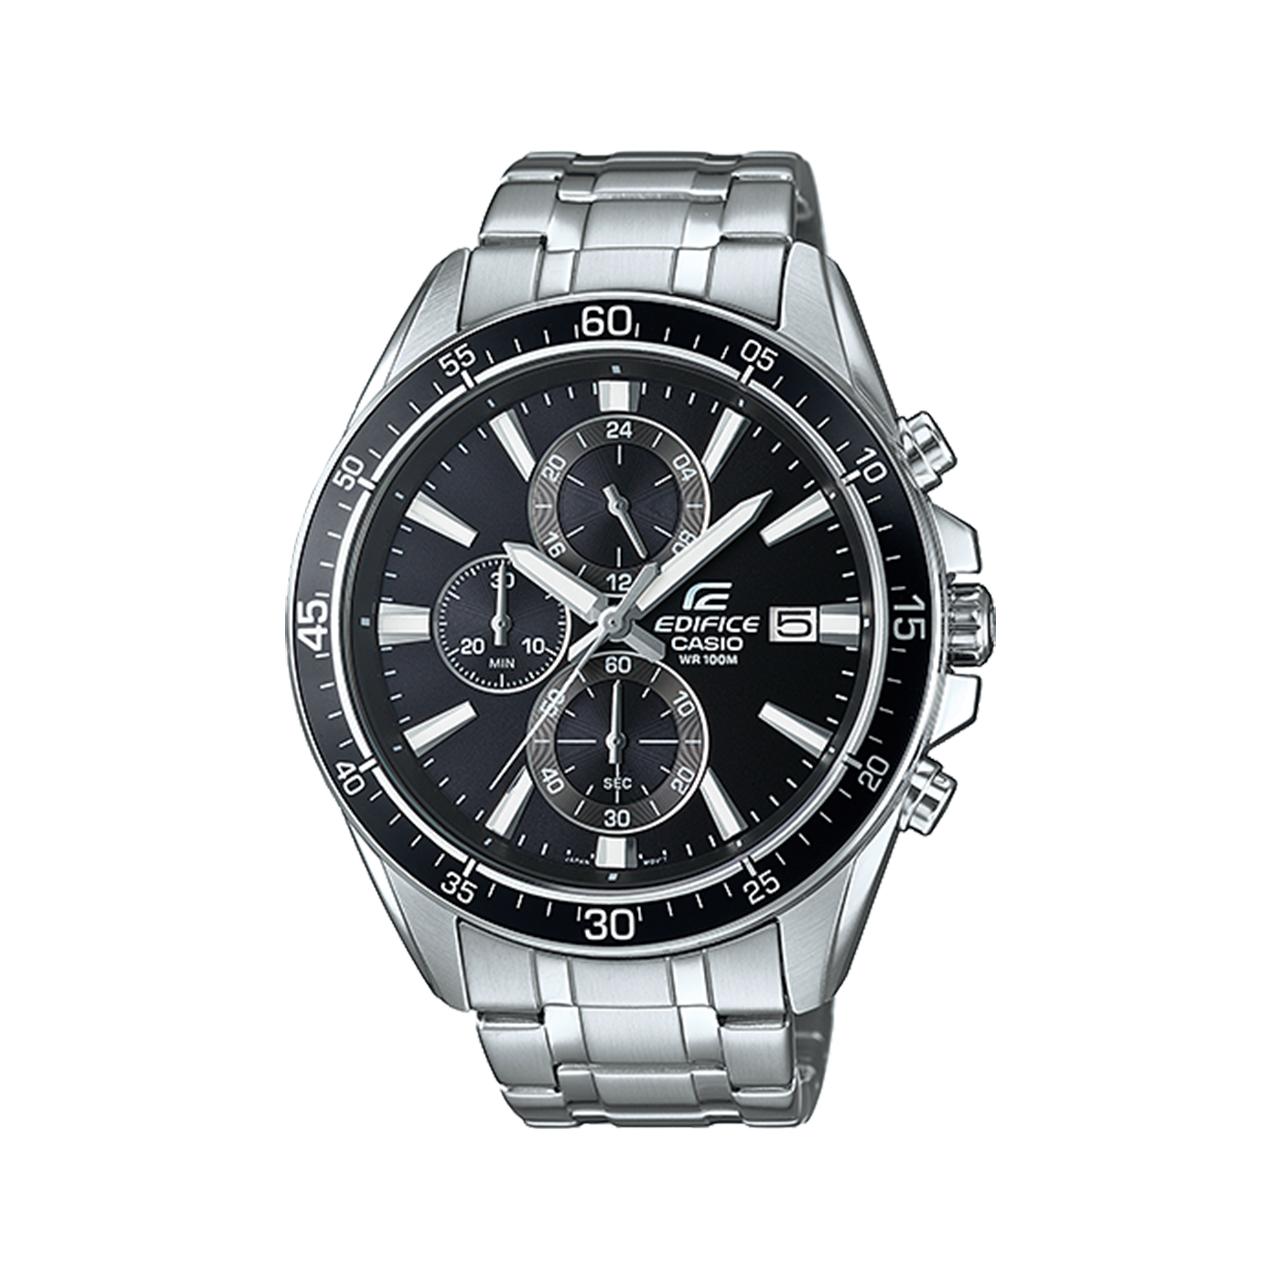 ساعت مچی عقربه ای مردانه کاسیو EFR-546D-1AVUDF              خرید (⭐️⭐️⭐️)